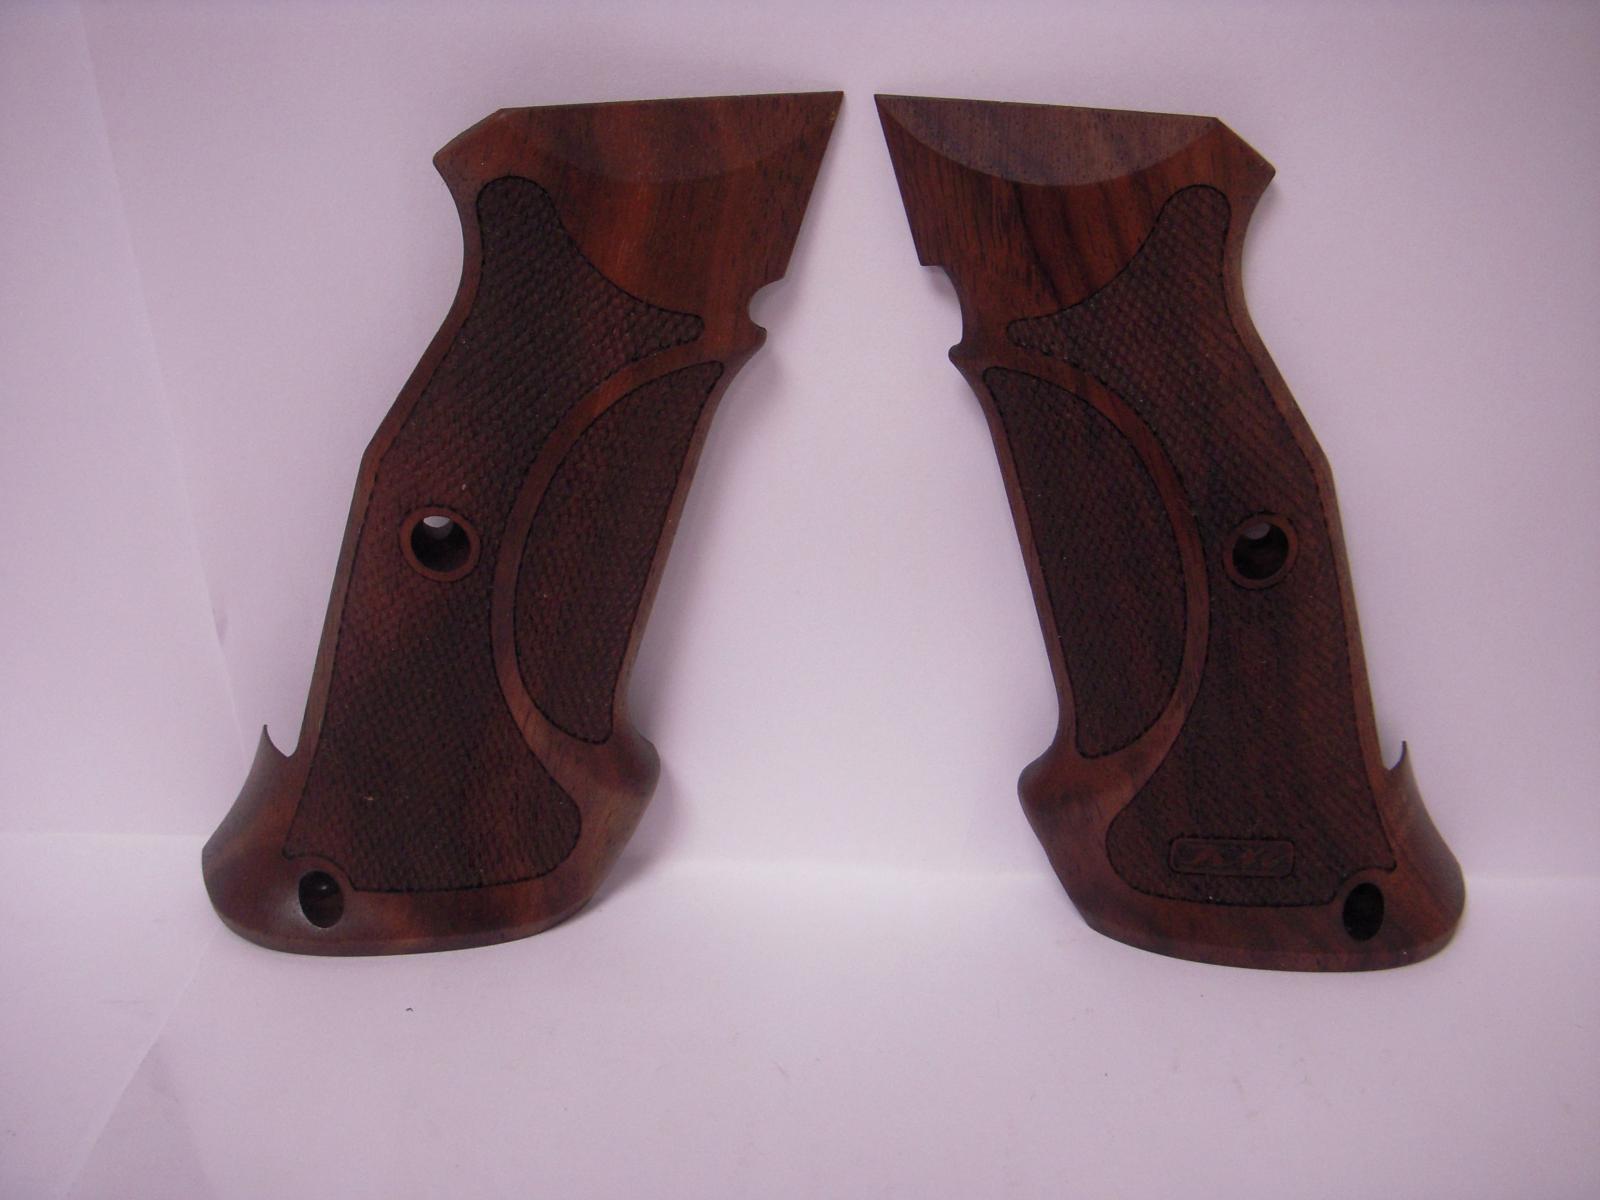 Plaquettes bois pour pistolet CZ shadow 2